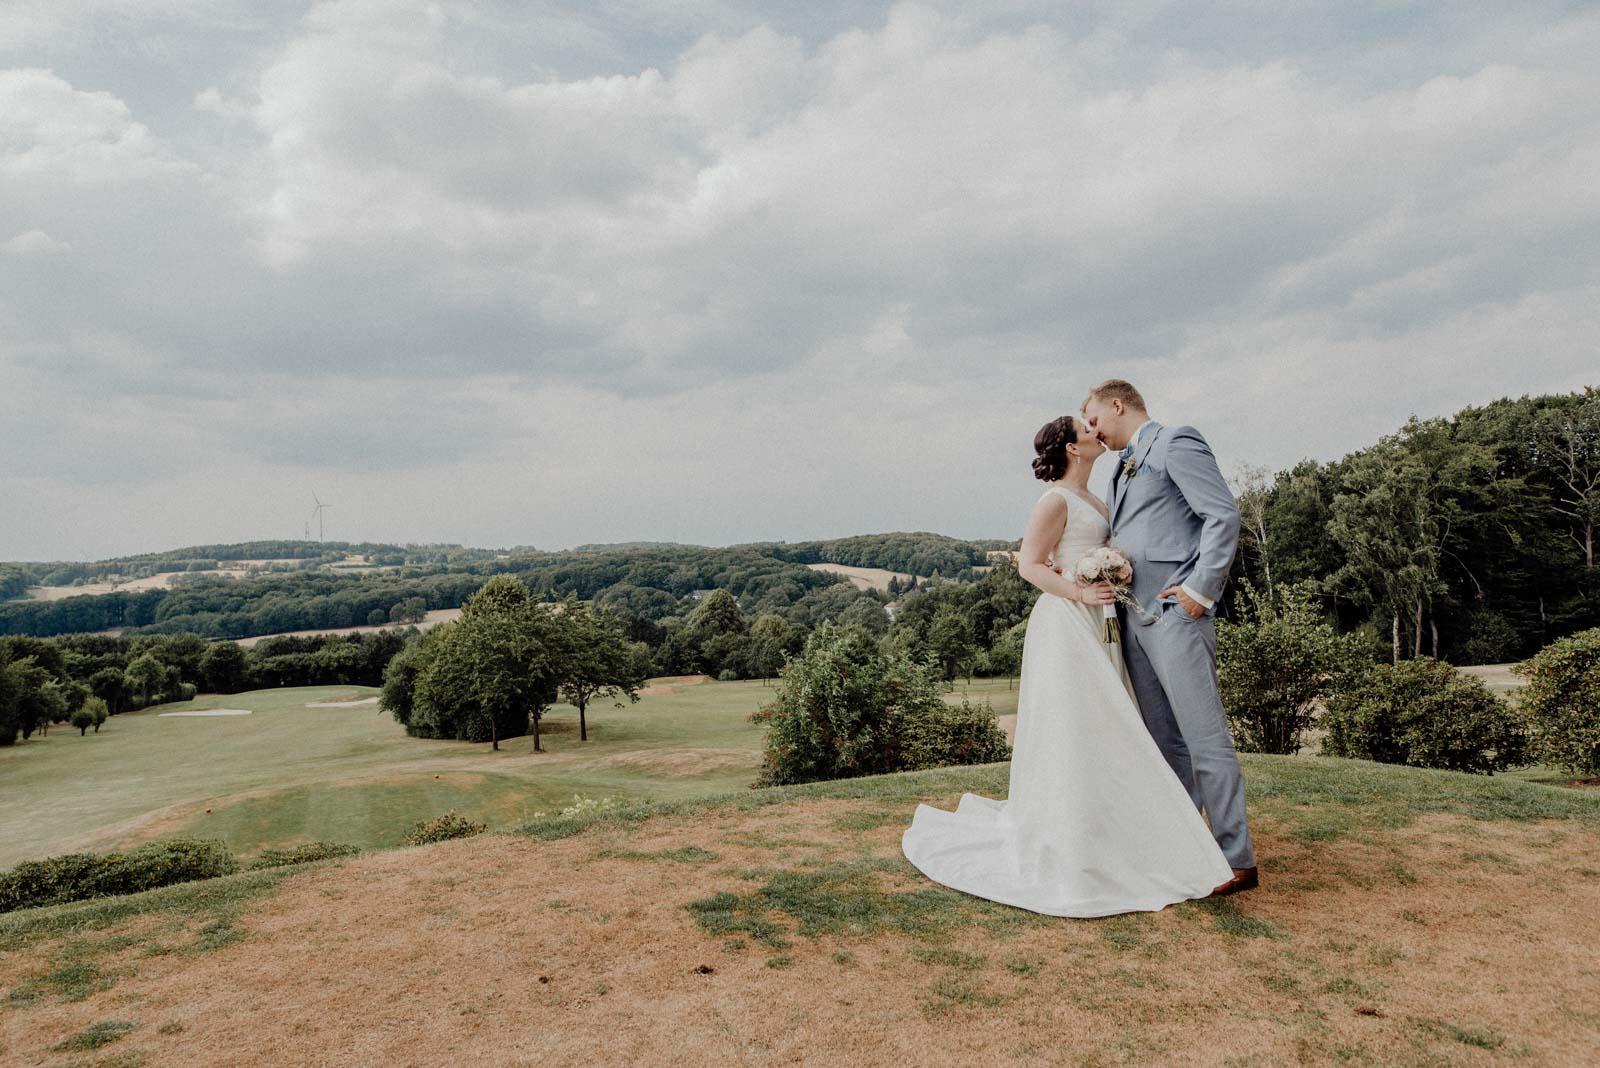 Romantischer Kuss beim Paarshooting auf dem Golfplatz Vesper